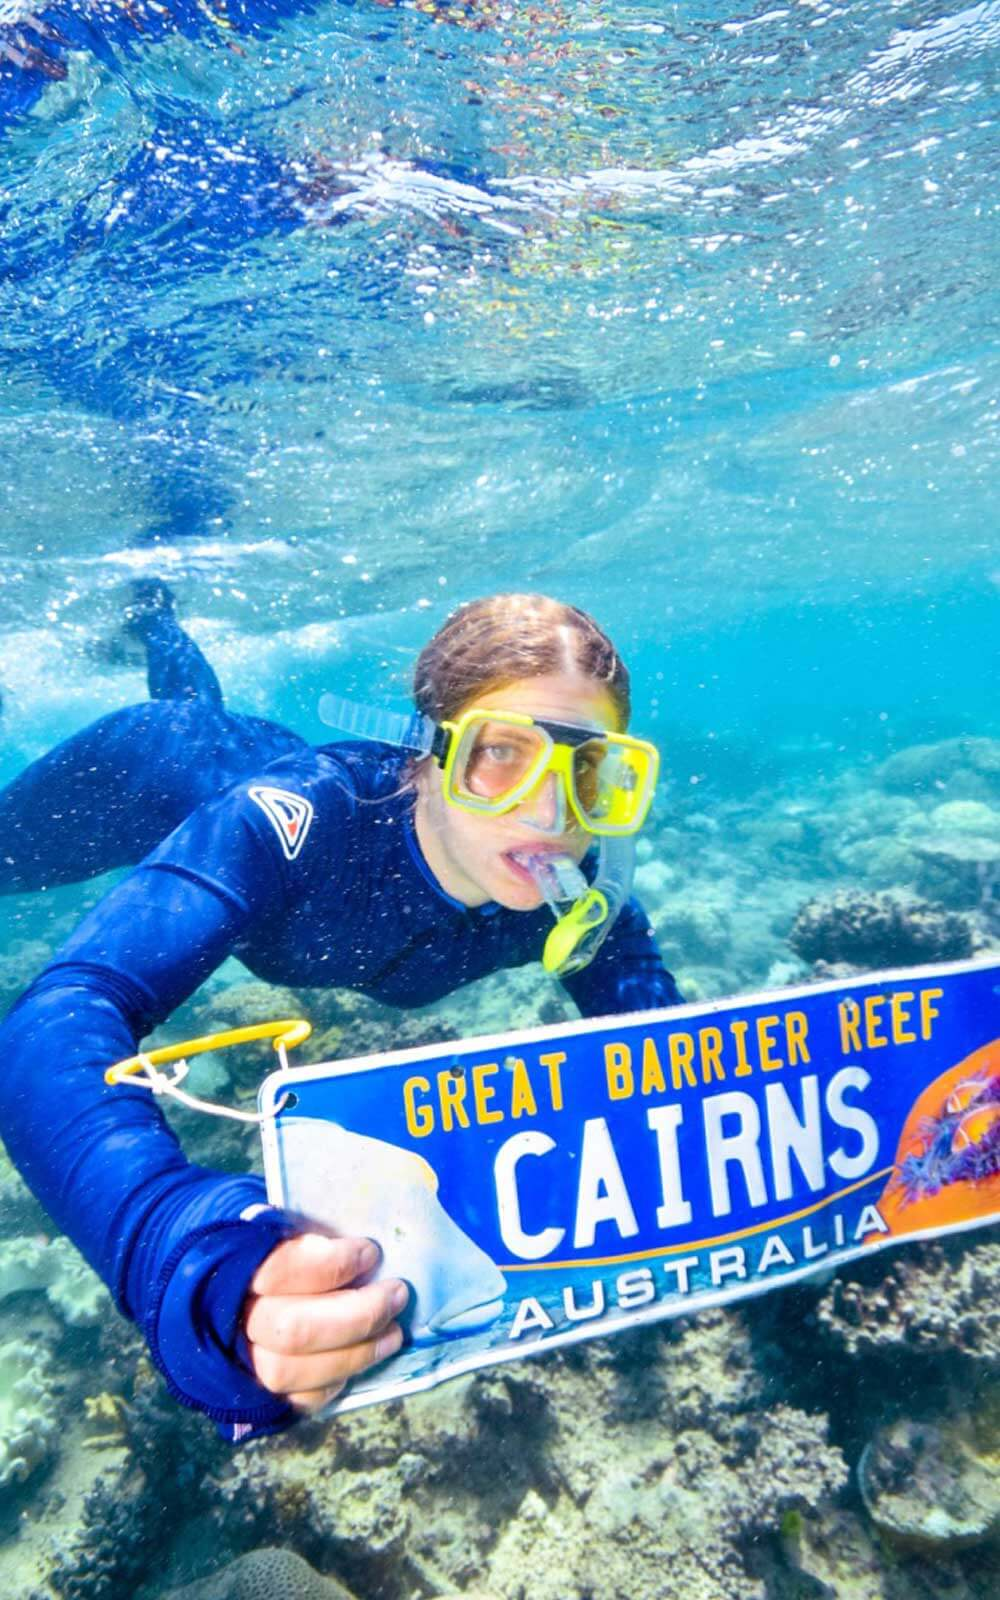 Lena schnorchelnd unter Wasser mit Cairns-Schild in der Hand